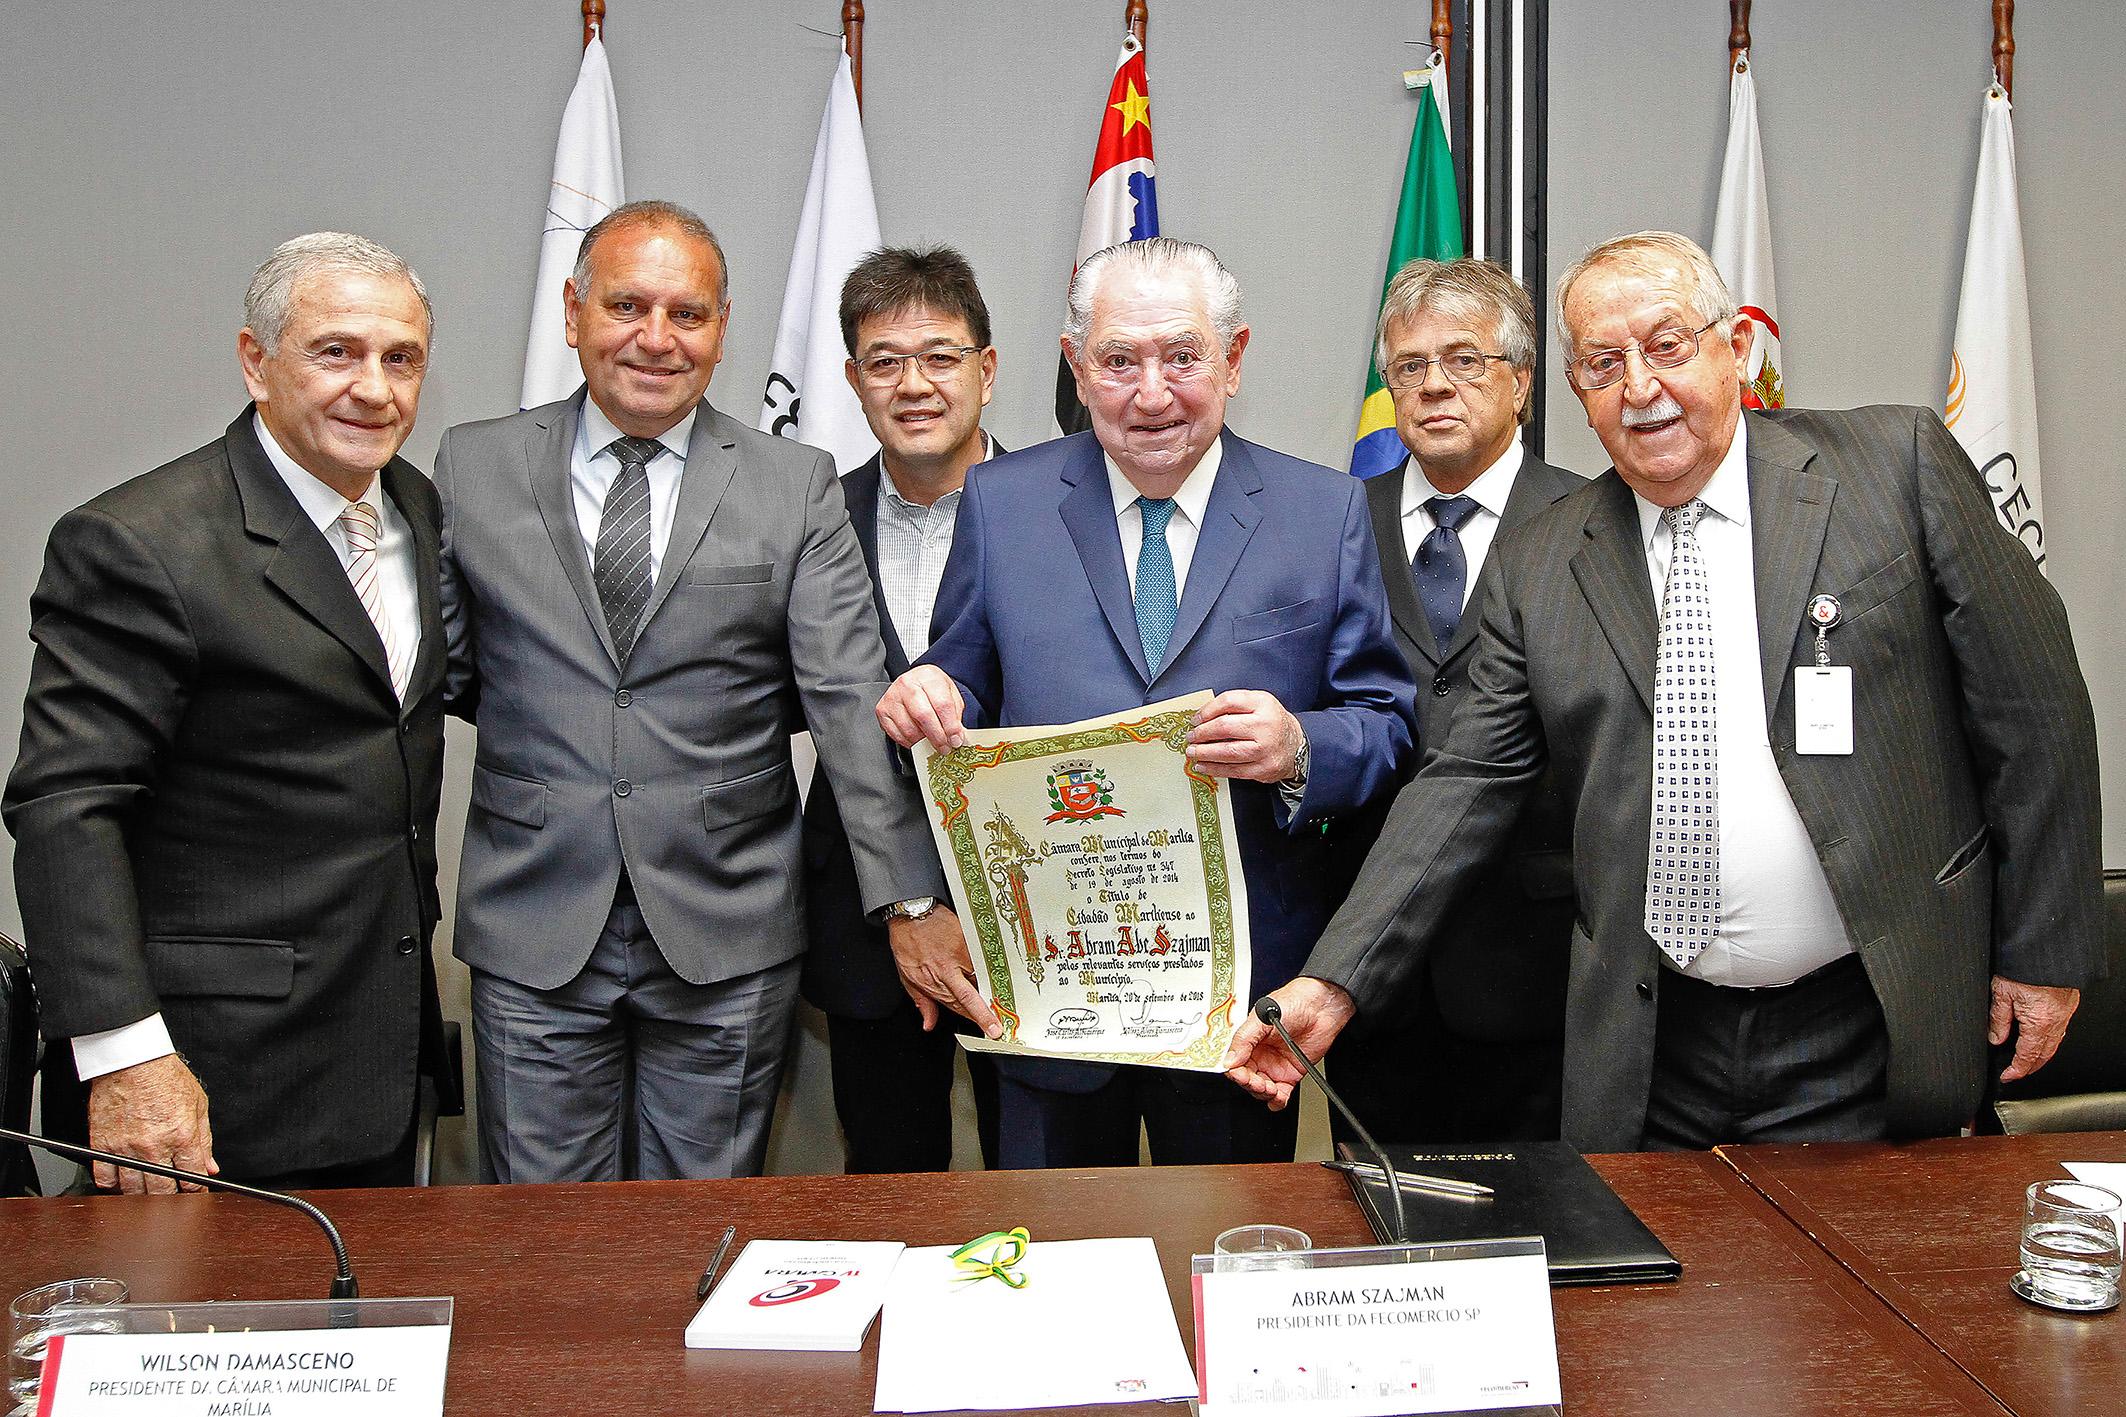 20/09/2018 - Fecomercio - Cerimônia de entrega de título de cidadão Mariliense para o presidente Abram Szajman - São Paulo - SP